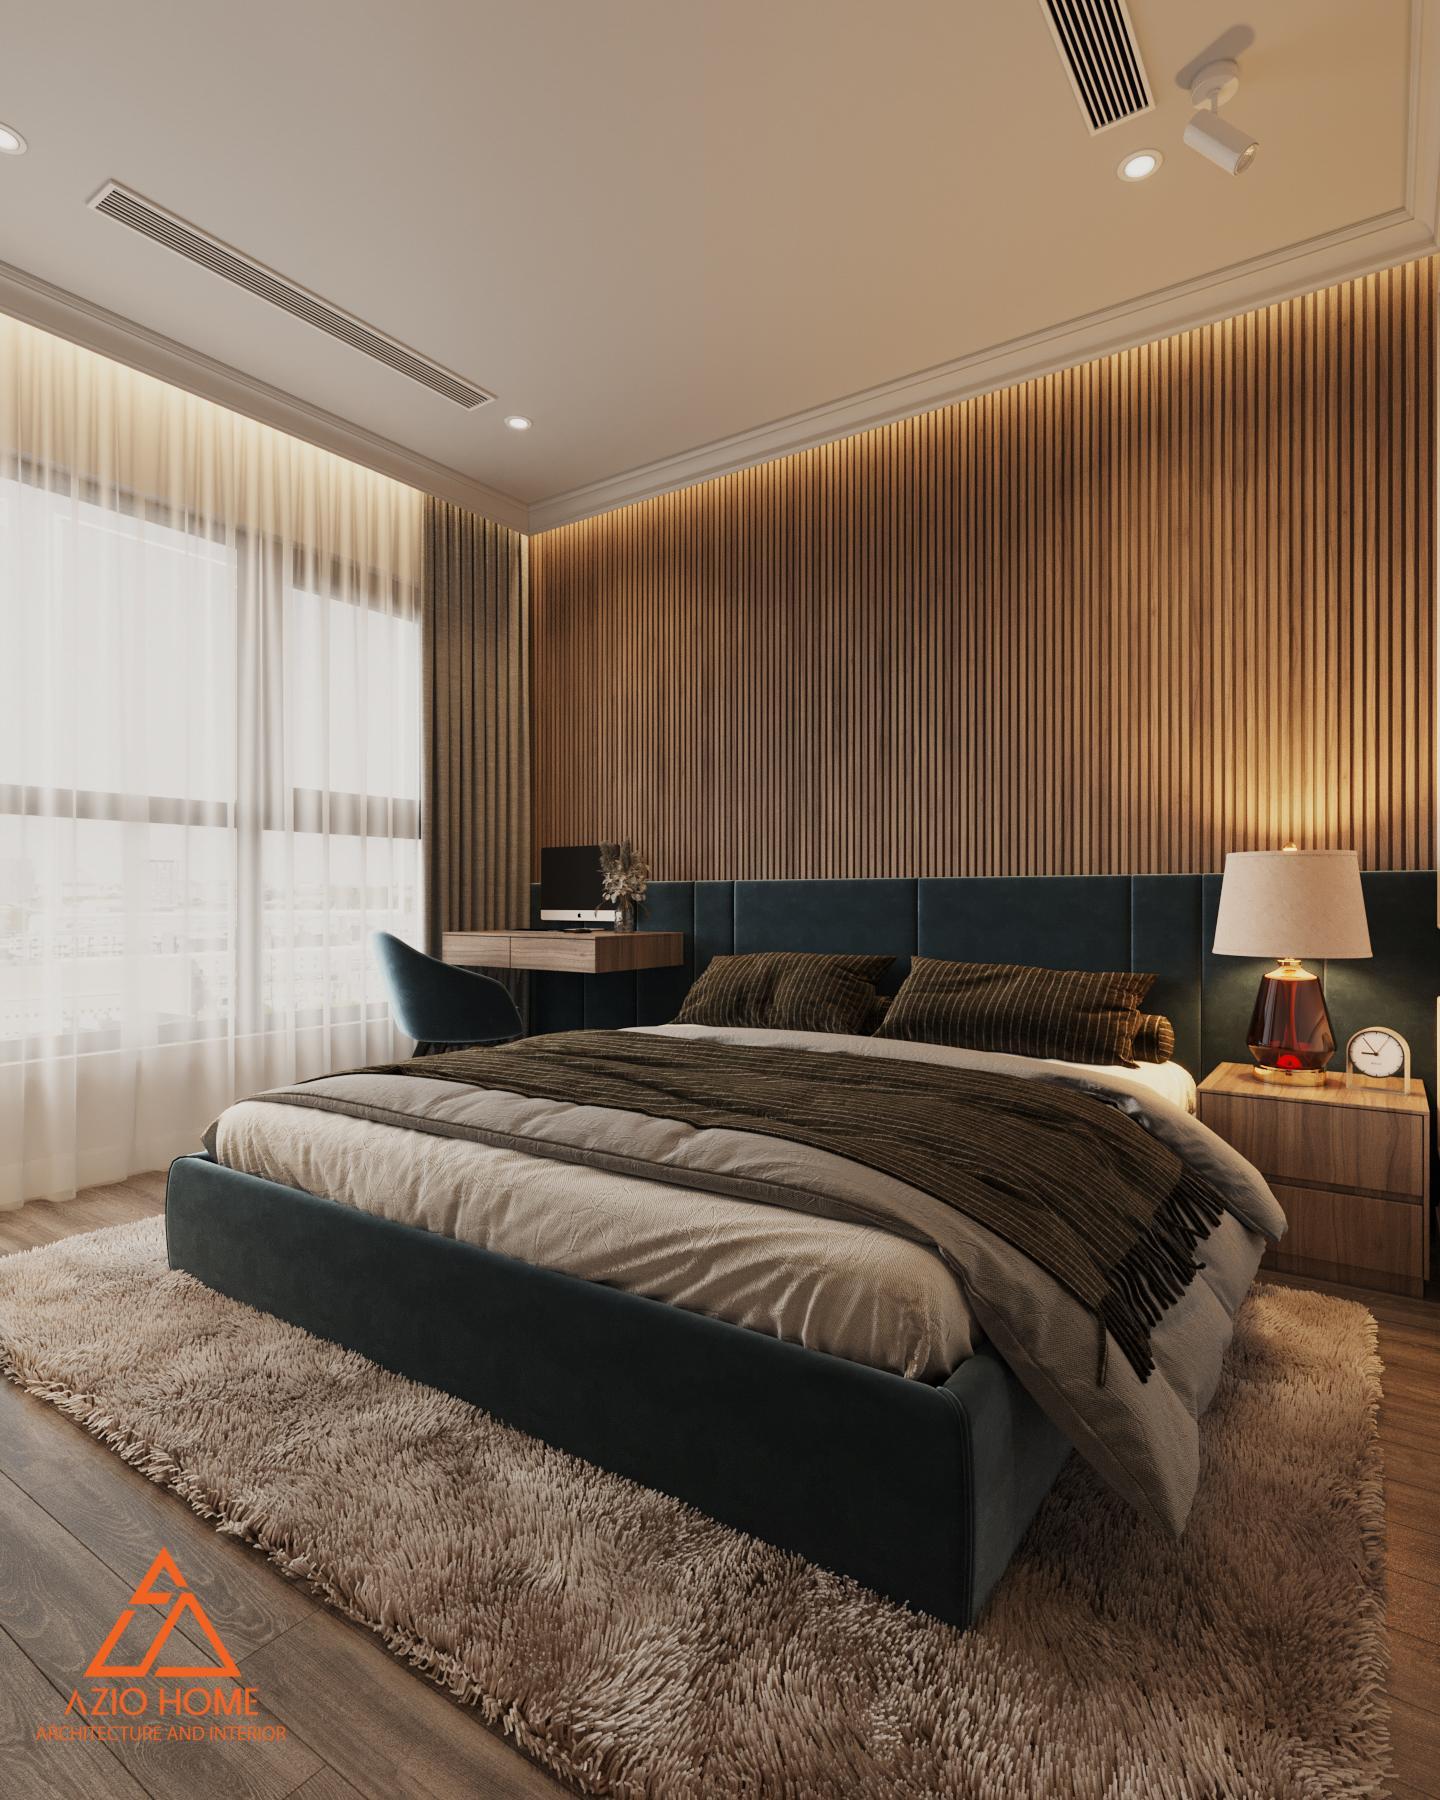 Mẫu thiết kế phòng ngủ đẹp cho chung cư Vinhomes Westpoint